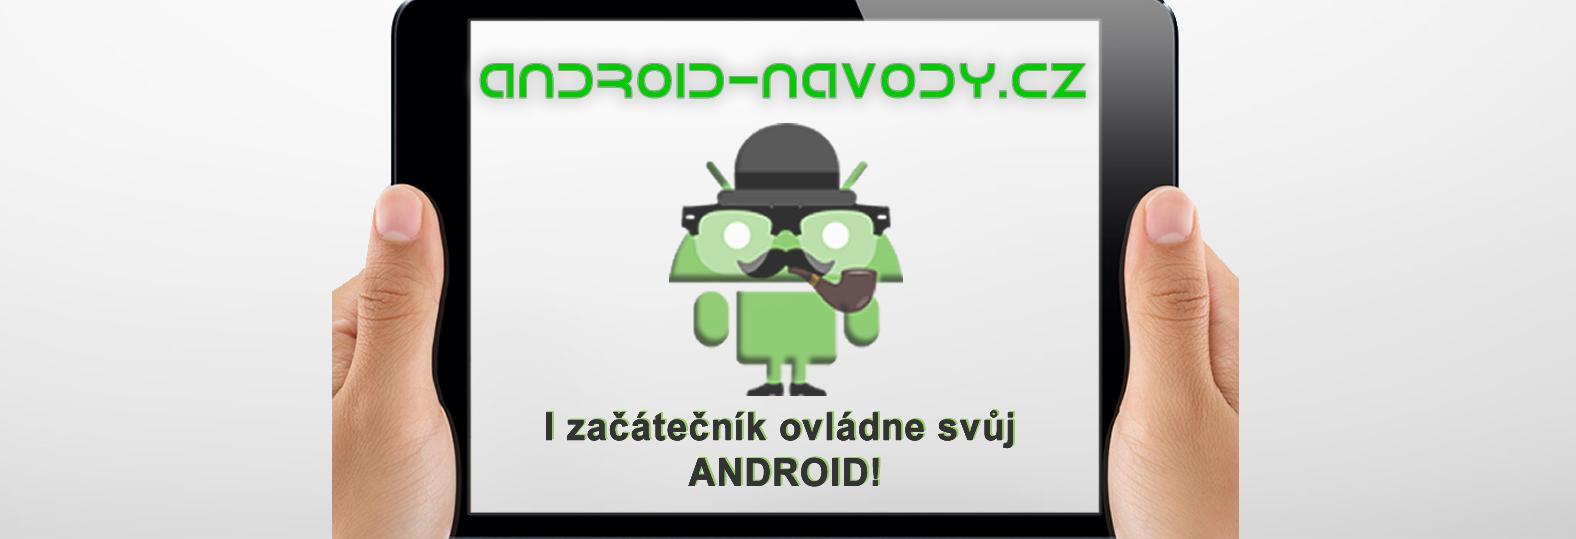 Obrázek: Logo webu 1